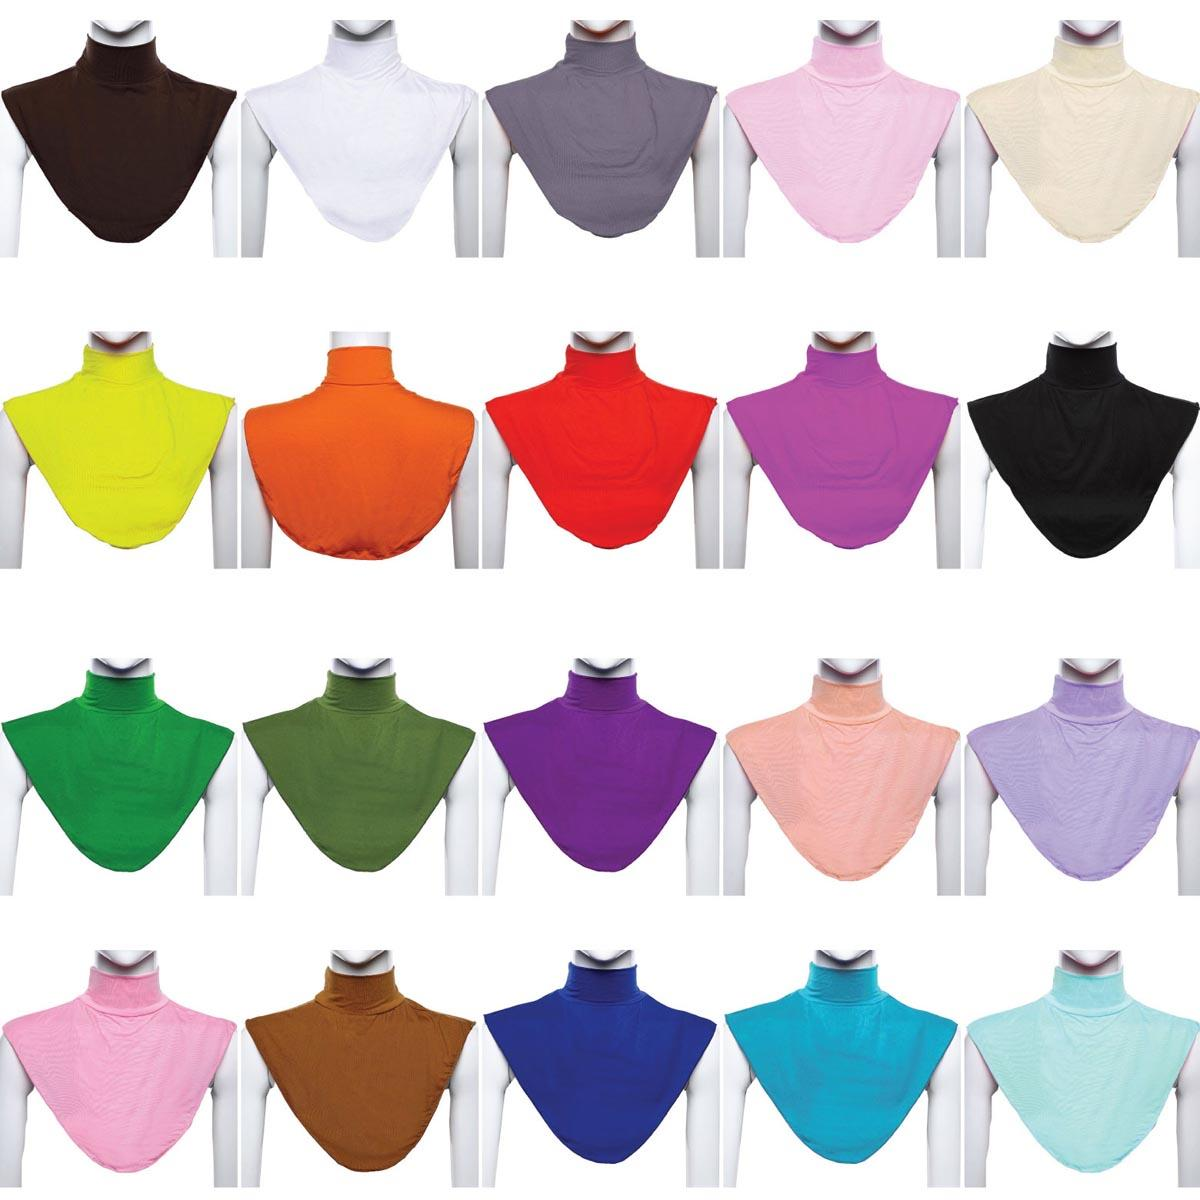 Muslim Women Shawls   Scarf   All Cover   Scarf   Shawls Casual Islamic Turtleneck Hijab Neck Cover Collar   Wrap   Apparel Ramadan Arab